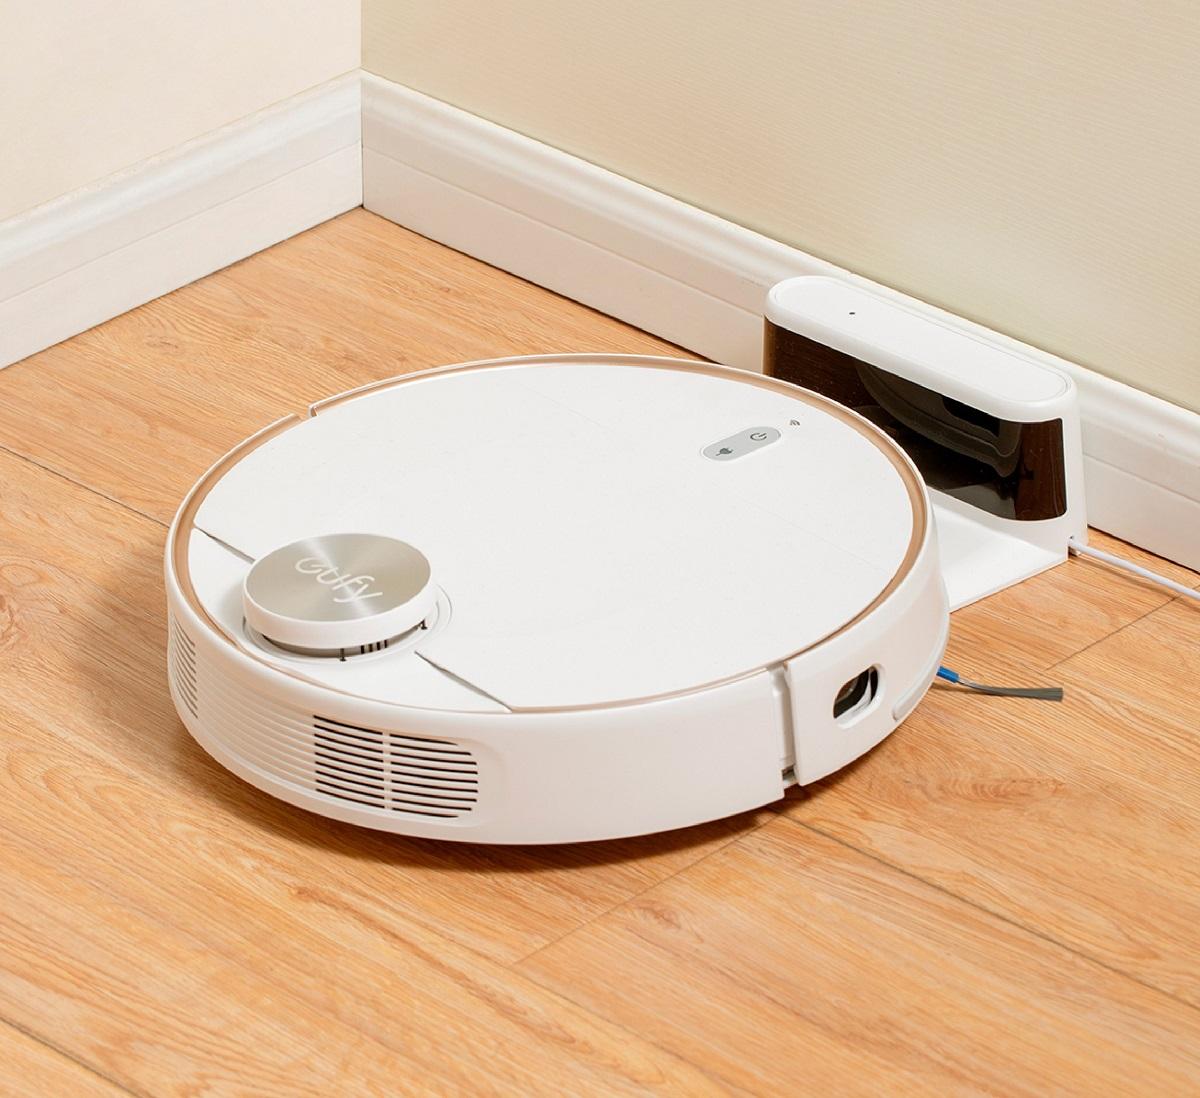 Robot hút bụi EUFY RoboVac L70 Hybrid  T2190 by Anker sử dụng công nghệ điều hướng bằng laser iPath, tích hợp cả hai chức năng quét và lau nhà. Robot còn hỗ trợ điều khiển bằng wifi thông qua ứng dụng EufyHome. Lực hút mạnh lên đến 2.200 Pa. Khi hoạt động, robot không gây tiếng ồn, yên tĩnh, bạn có thể yên tâm nghỉ ngơi mà không lo tiếng máy hút bụi làm thức giấc. Robot có thể tự quay về đế sạc để sẵn trên sàn khi pin yếu mà không cần điều khiển. Bề mặt các bánh lăn êm ái, lý tưởng cho các loại sàn gỗ cứng. Thiết kế máy thanh lịch với tông trắng toàn bộ cùng mặt ngoài ốp kính cường lực, hạn chế trầy xước, va đập. Sản phẩm hiện có giá ưu đãi 27%, giảm còn 9,54 triệu đồng (giá gốc lên đến 13 triệu đồng); bảo hành chính hãng và miễn phí vận chuyển toàn quốc khi mua trên sàn thương mại điện tử Lazada.